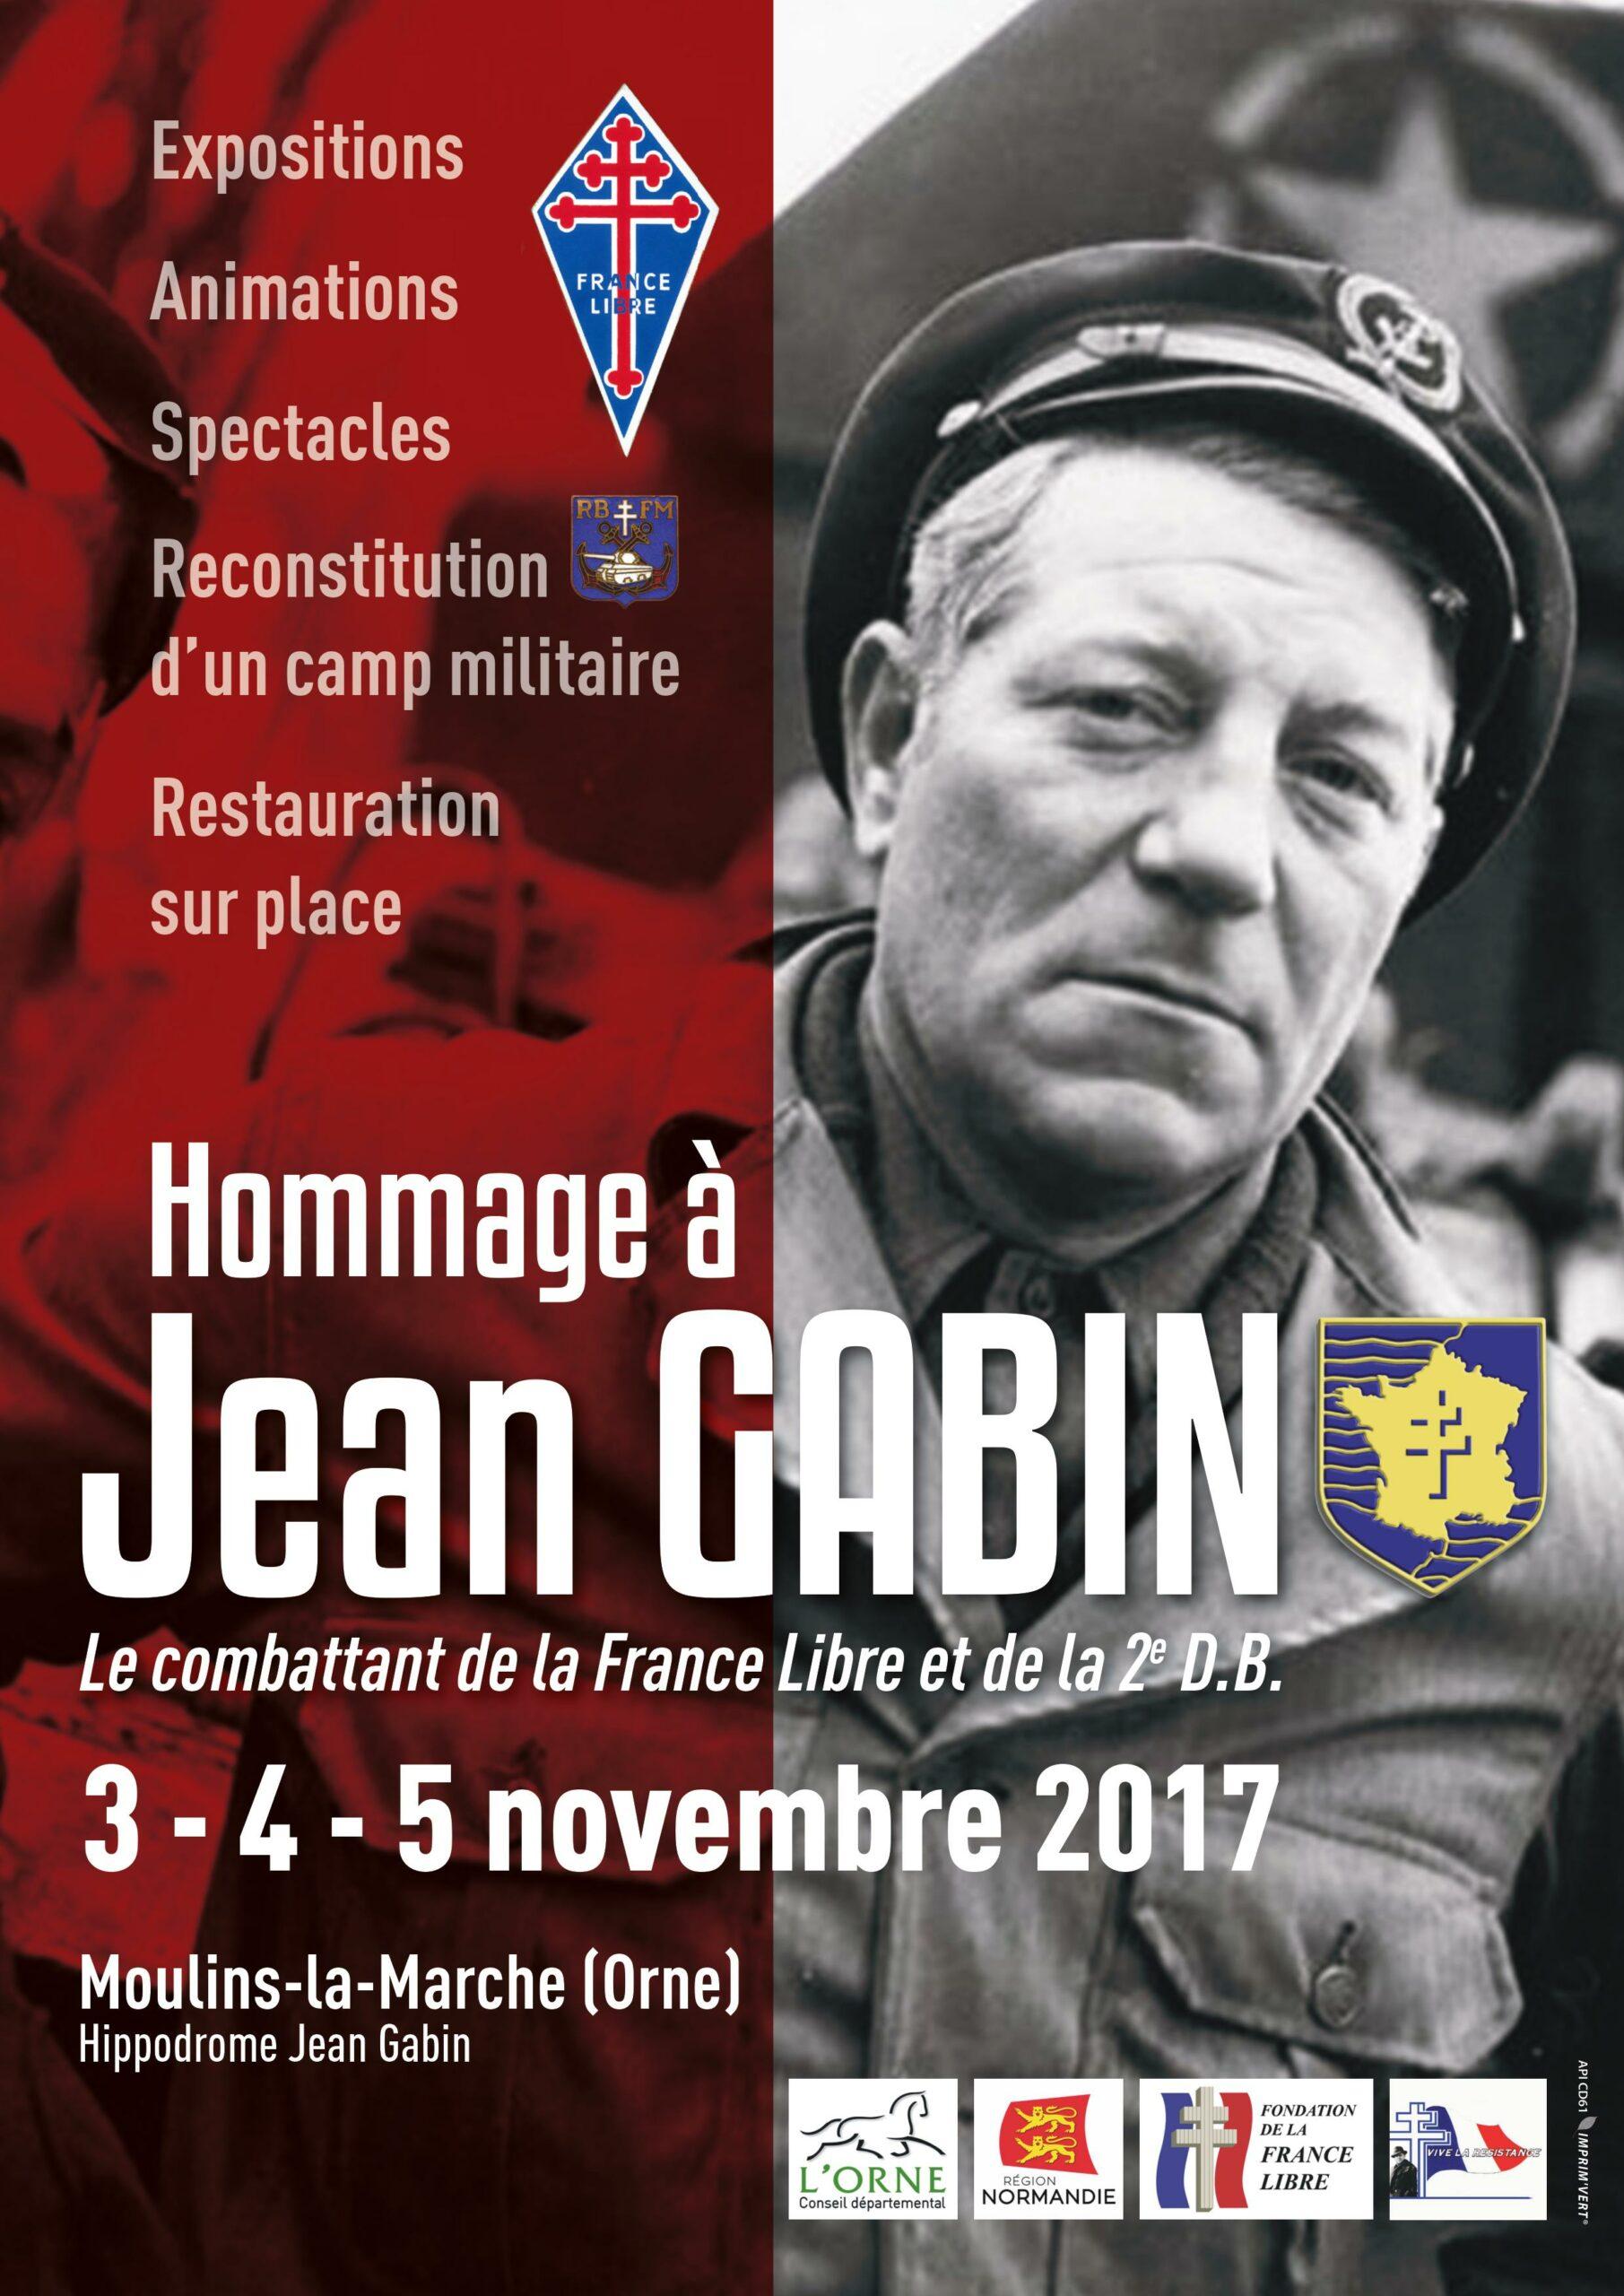 Hommage à Jean Gabin